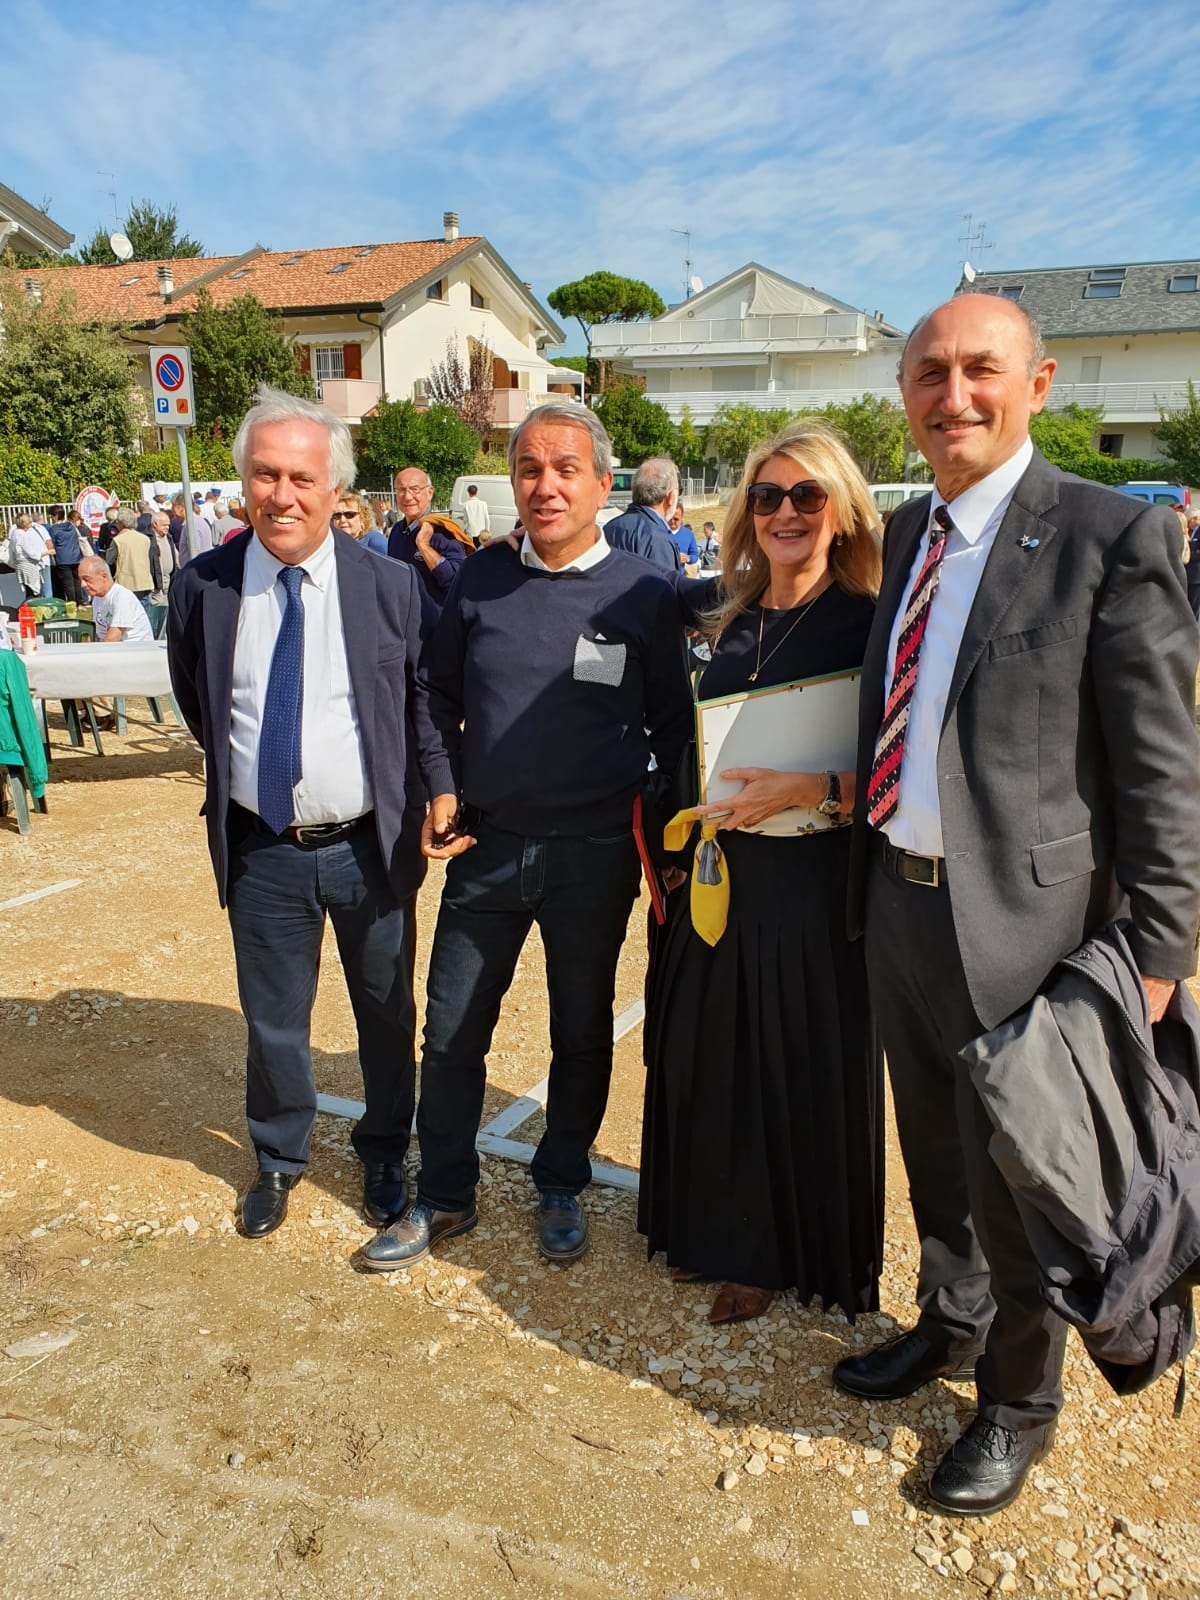 Vice Sindaco Gabriele Armuzzi, Pres. Consiglio Comunale Gianni Grandu, ex Assessore Rossella Fabbri e Loris De Cesari